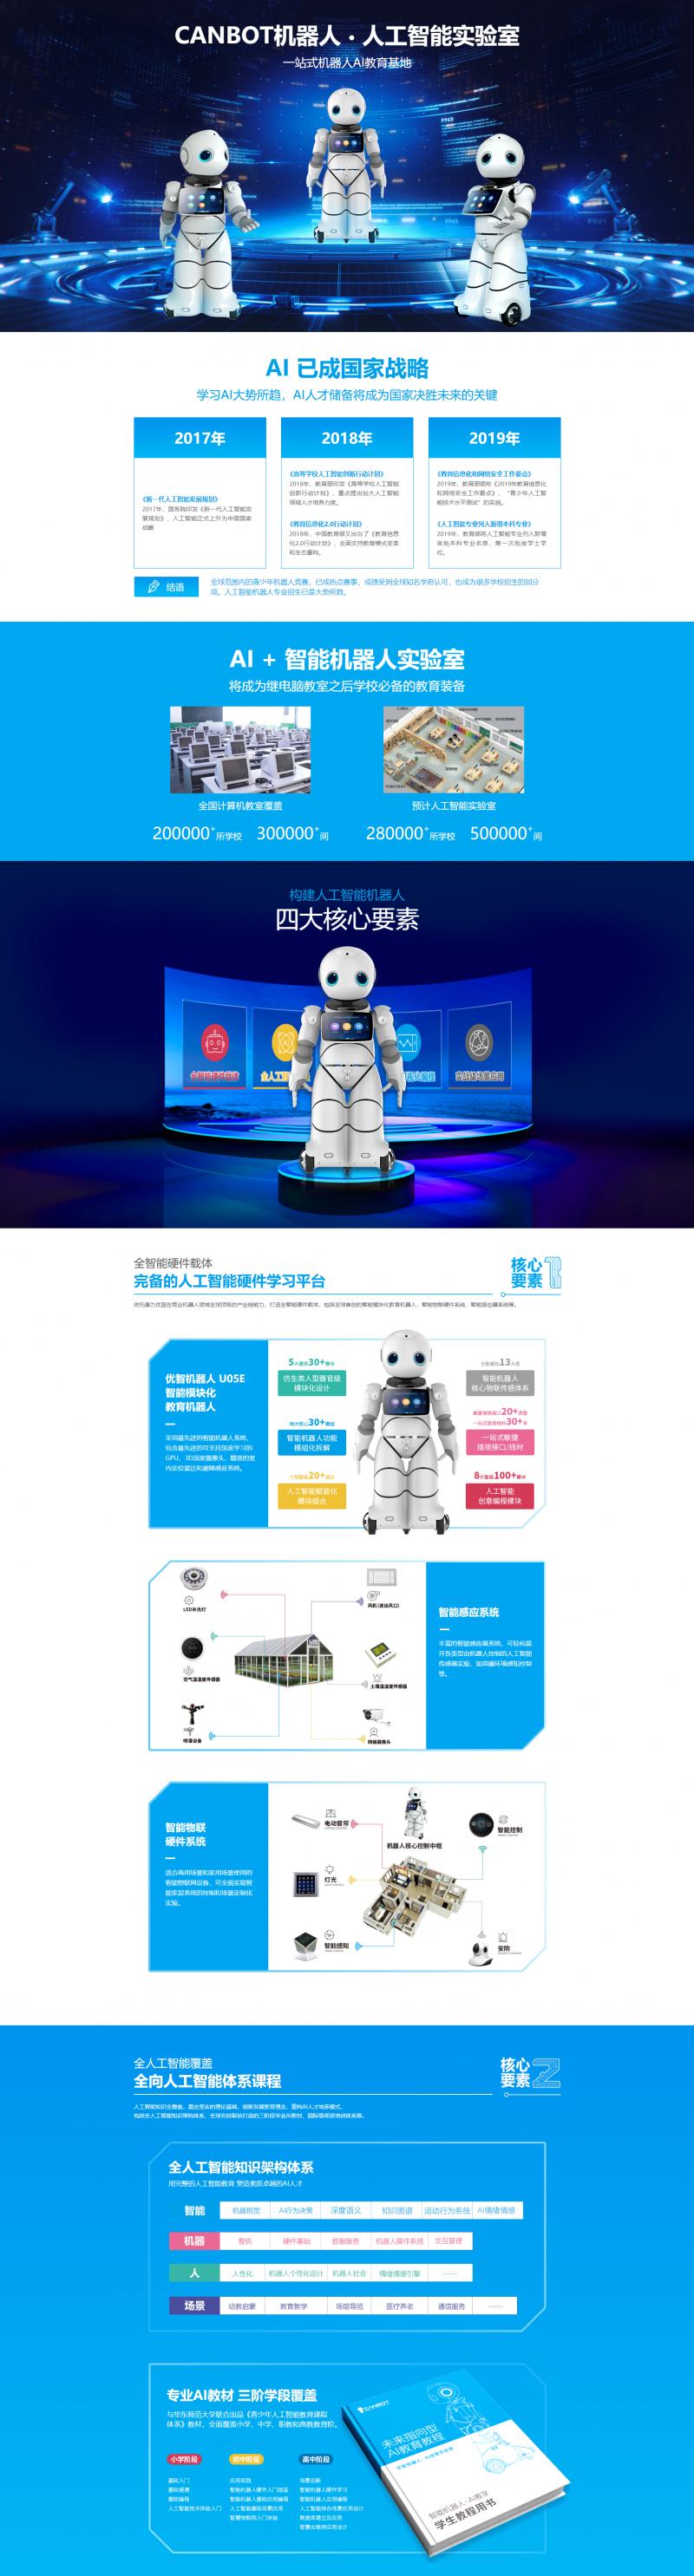 康力优蓝教学机器人